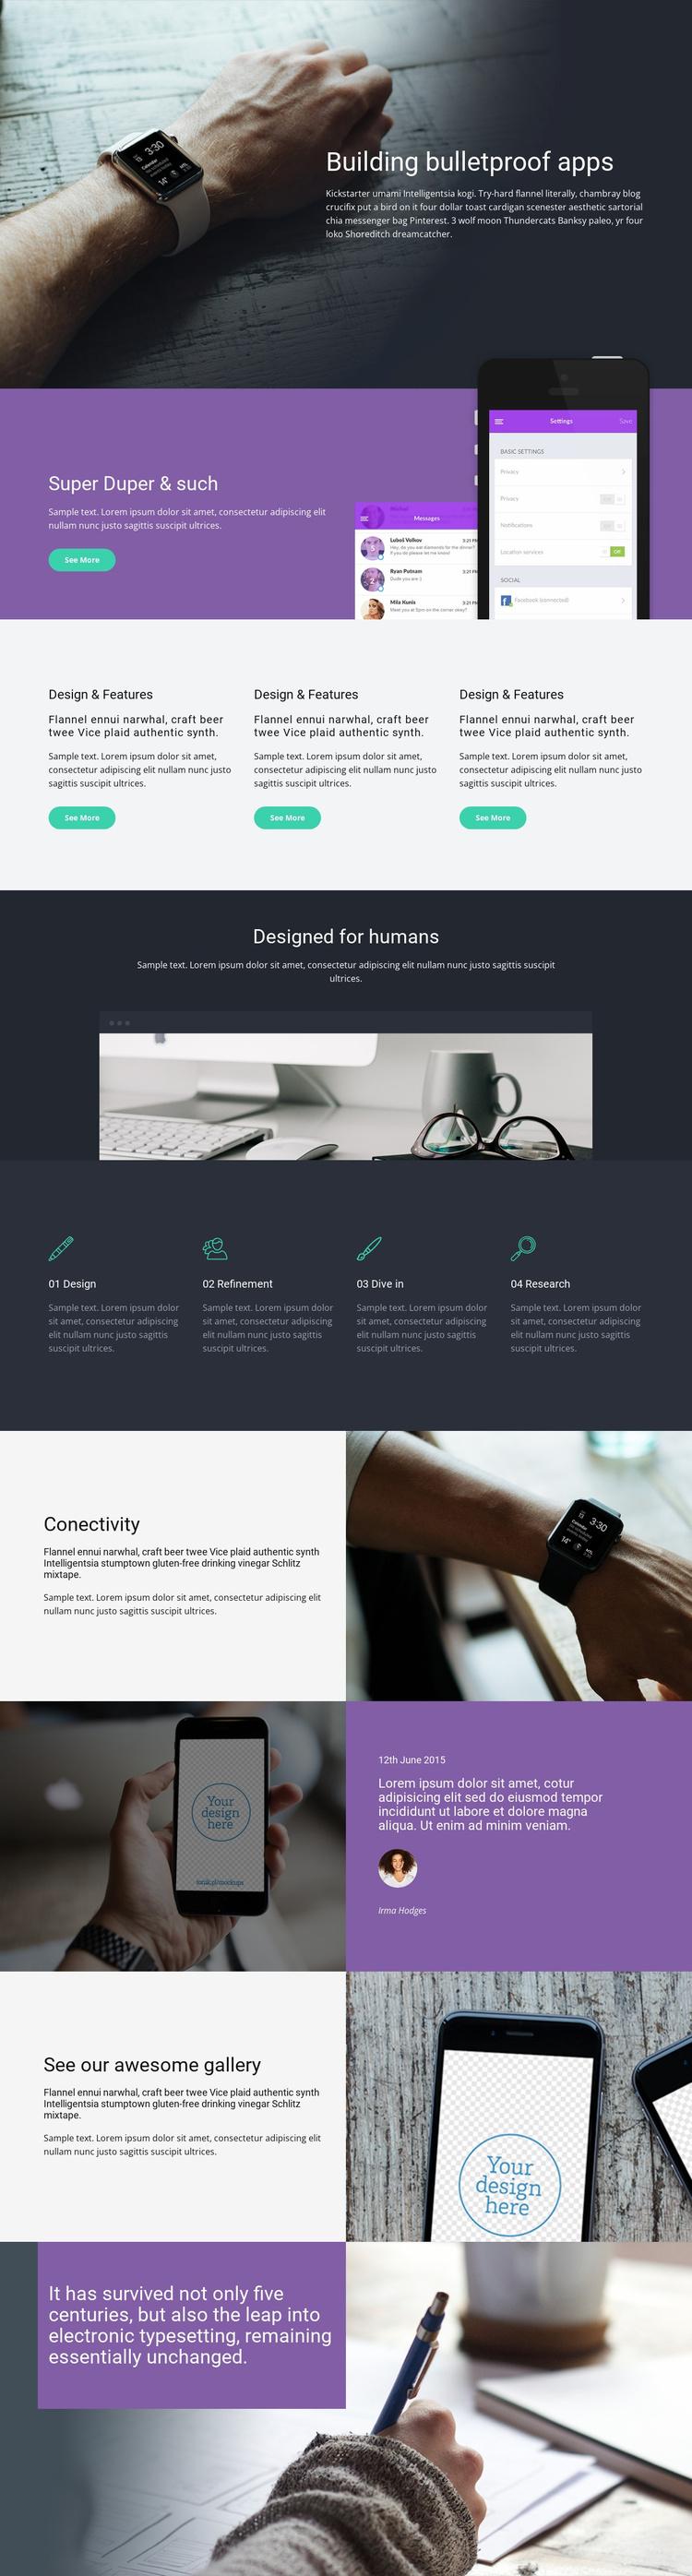 Bulletproof Apps Landing Page